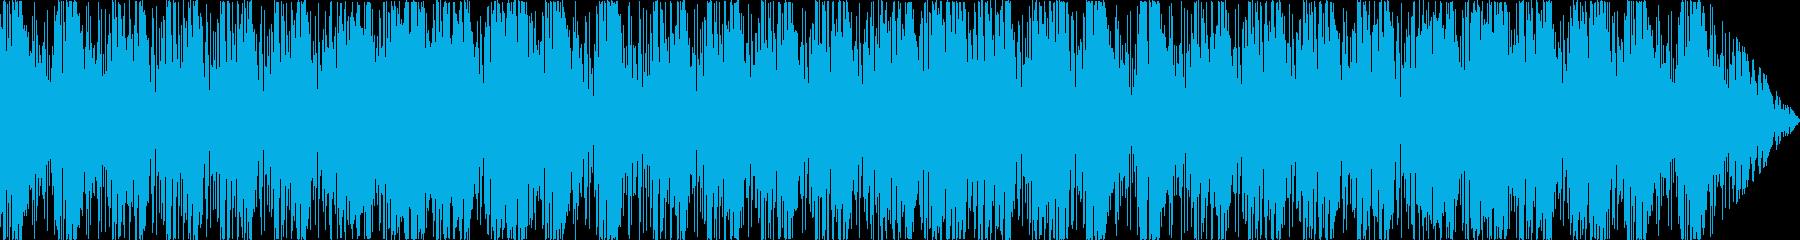 爽やかおしゃれなフュージョンサウンドの再生済みの波形